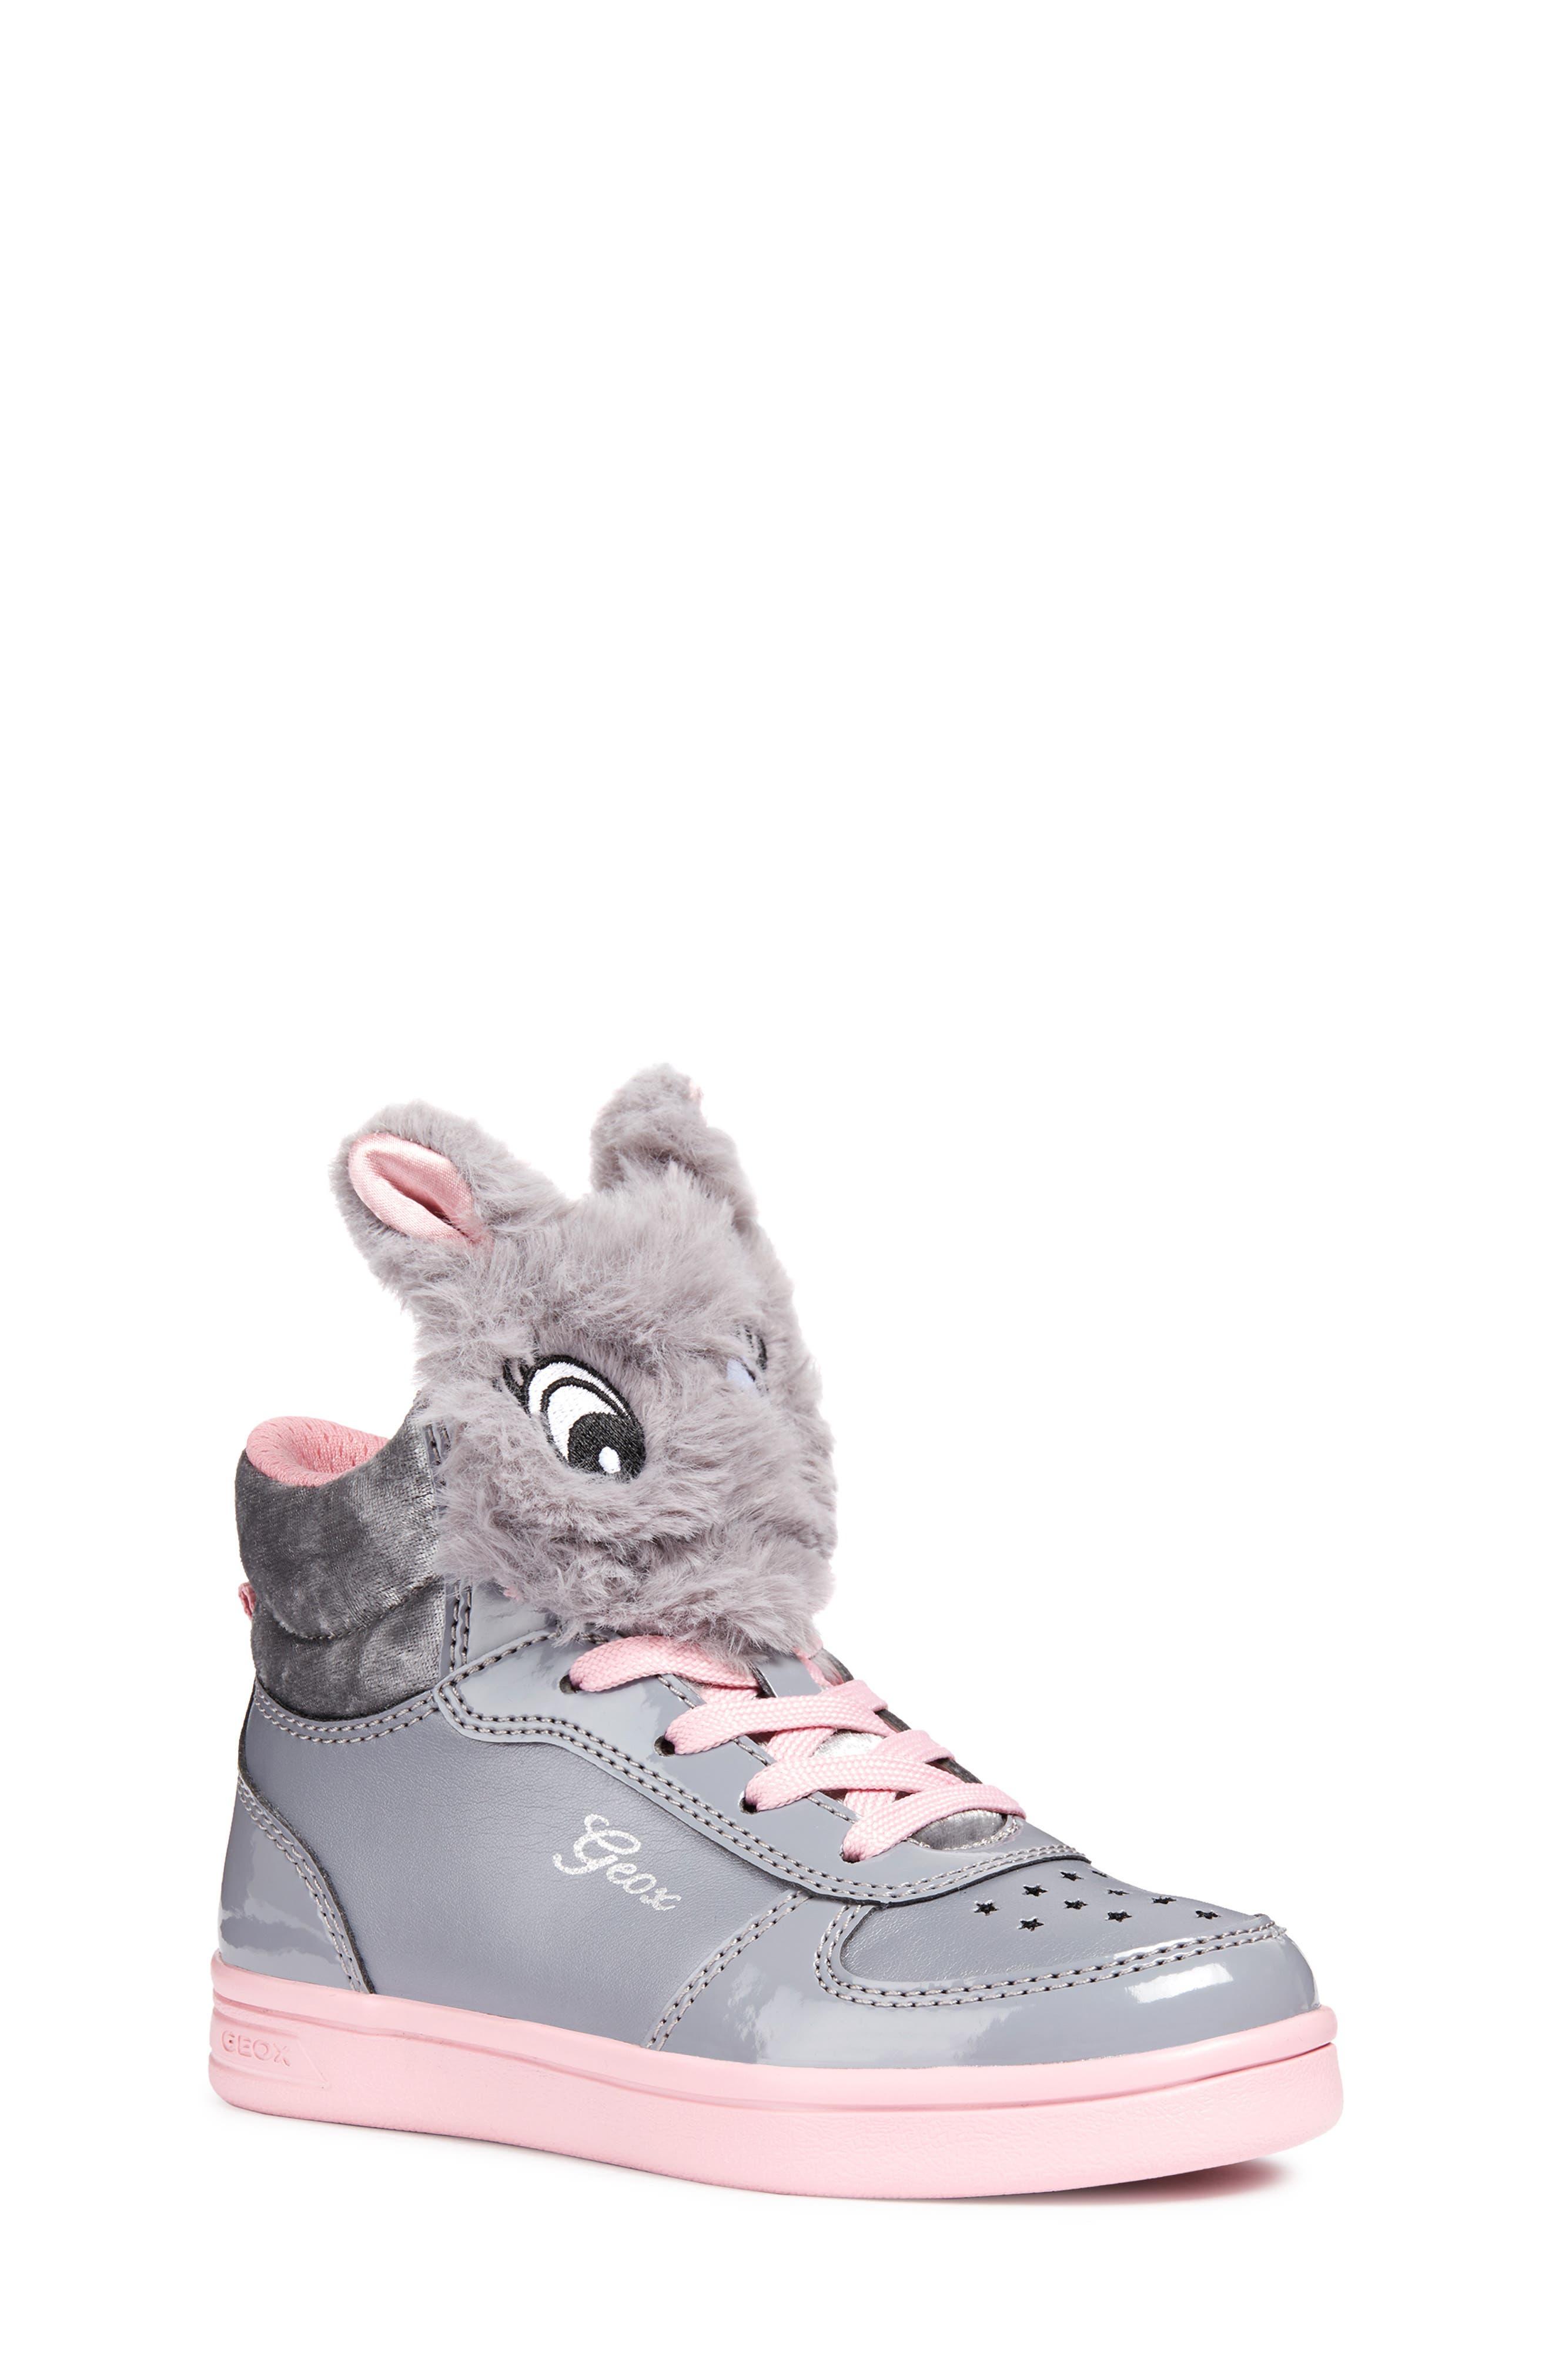 DJ Rock Fuzzy Friend Sneaker,                         Main,                         color, GREY/PINK